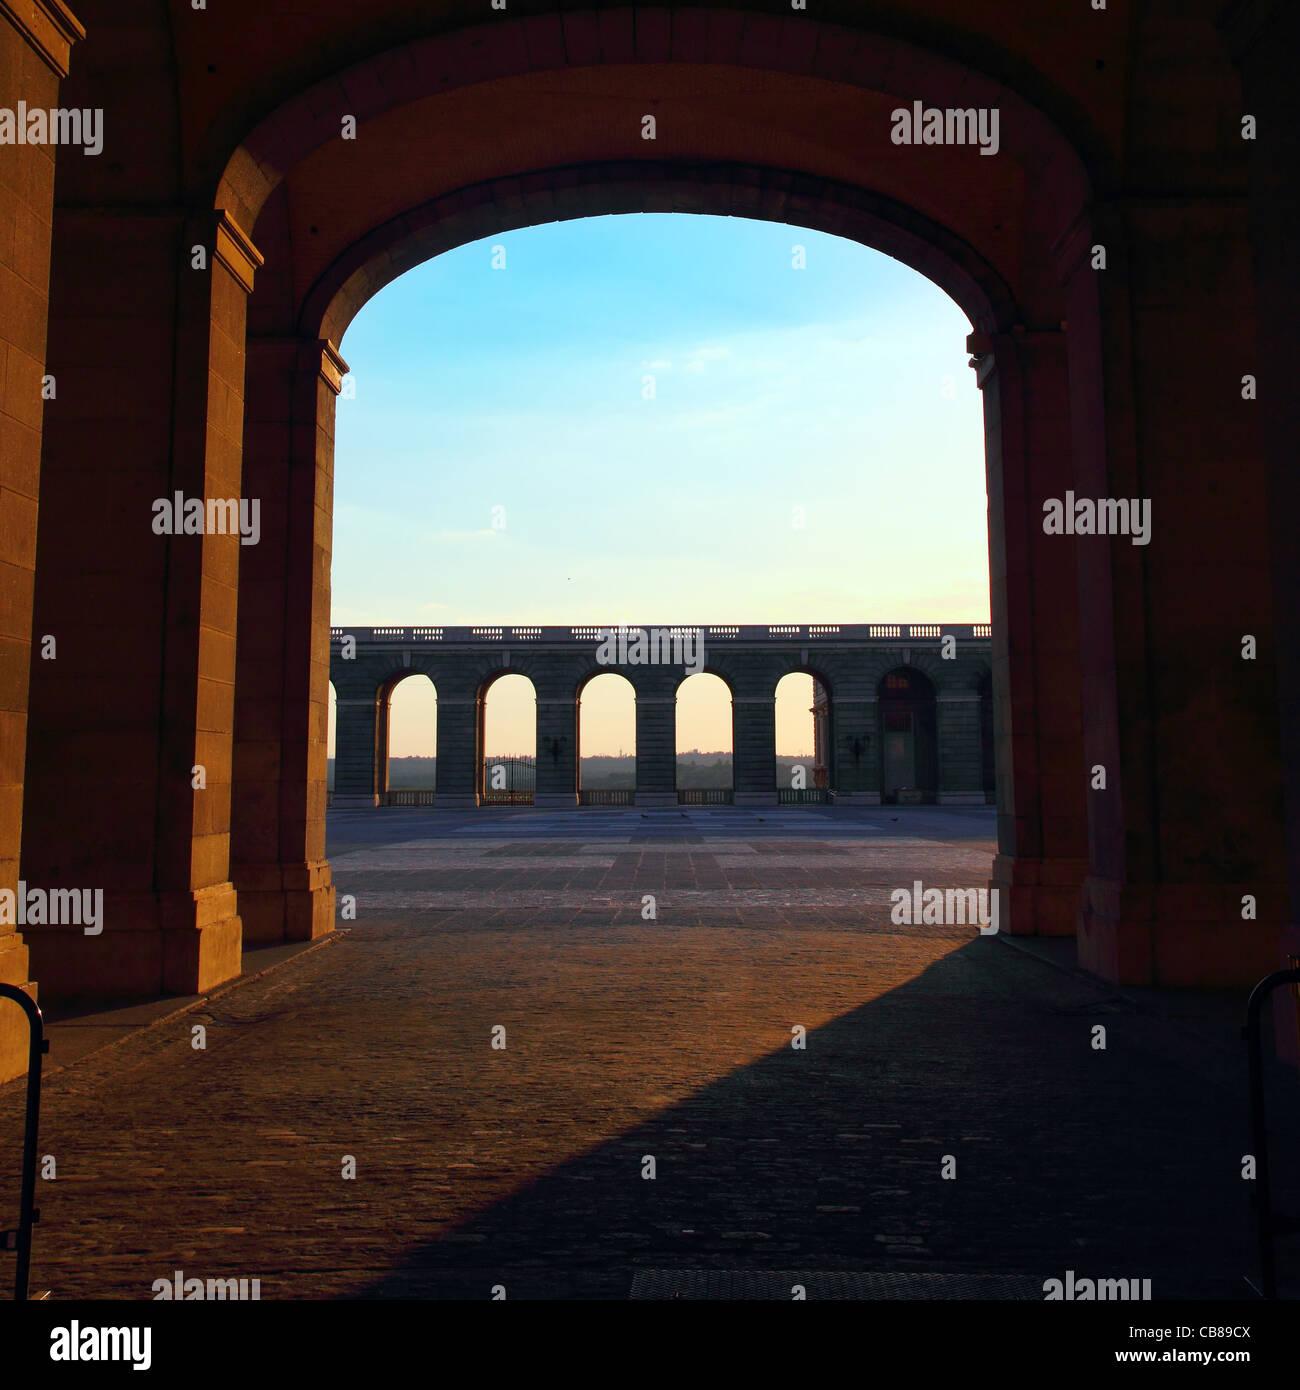 offene Tür im Palacio de Oriente in madrid Stockbild